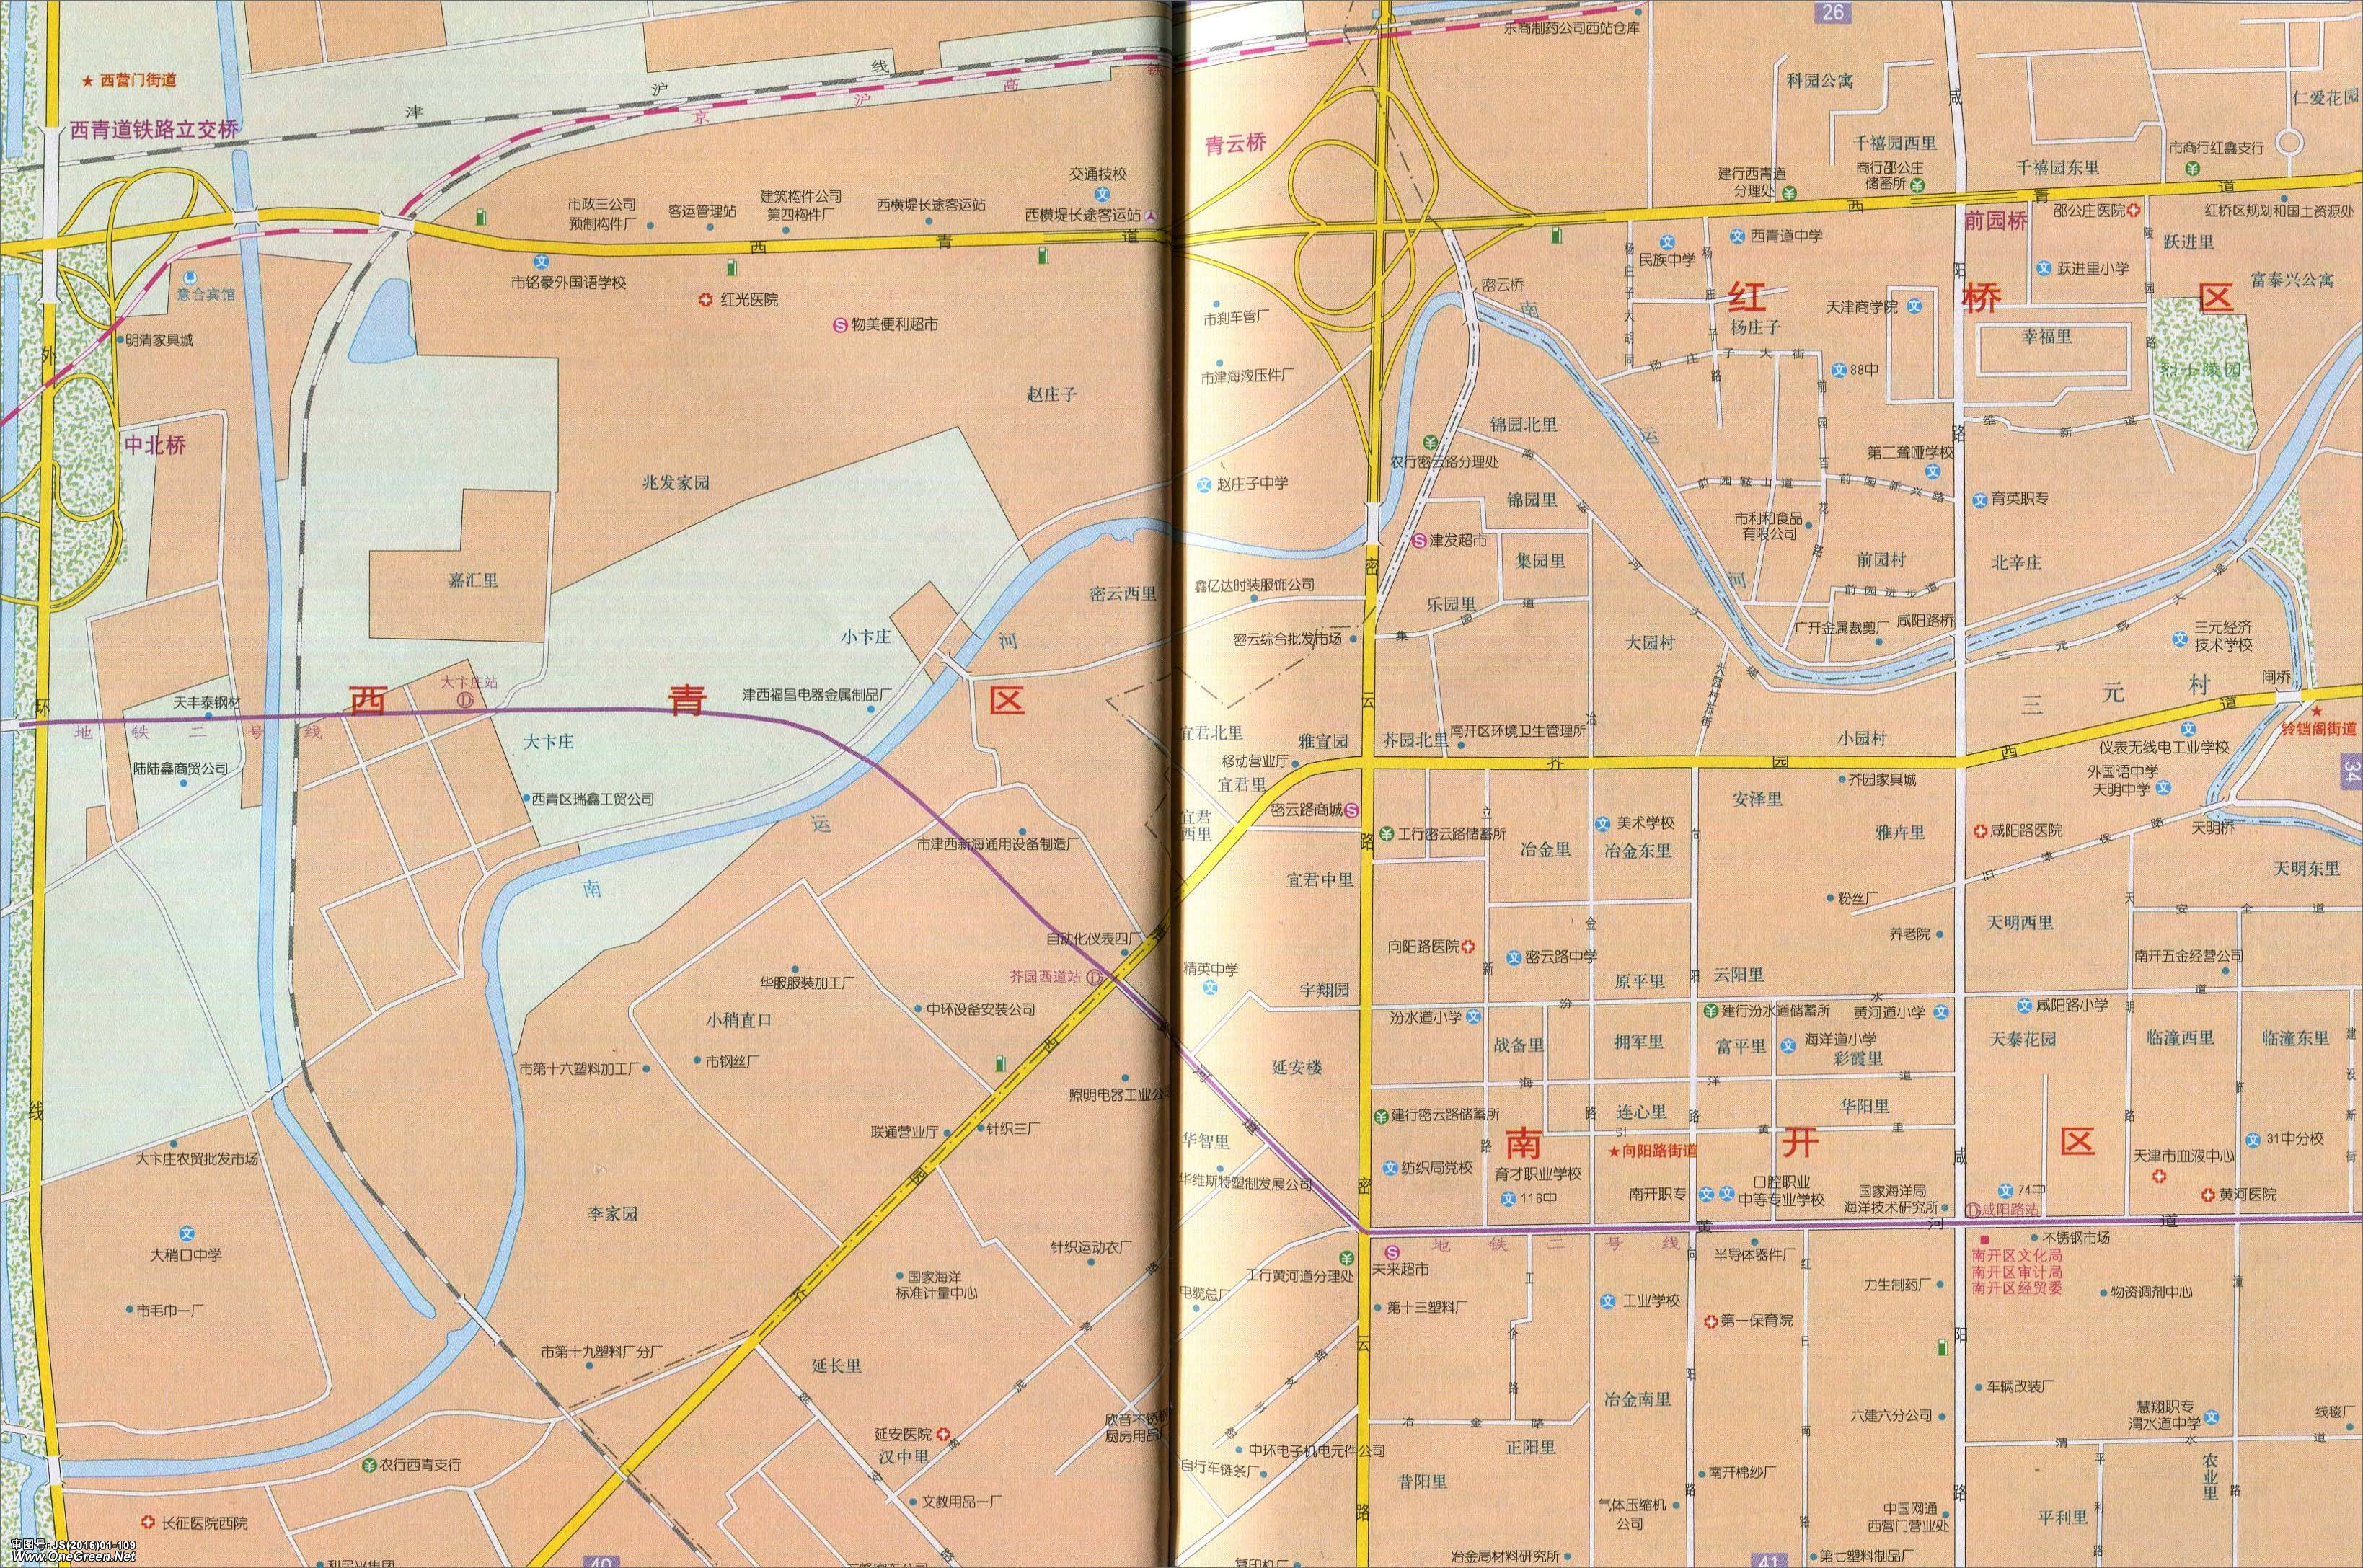 向阳路街道地图